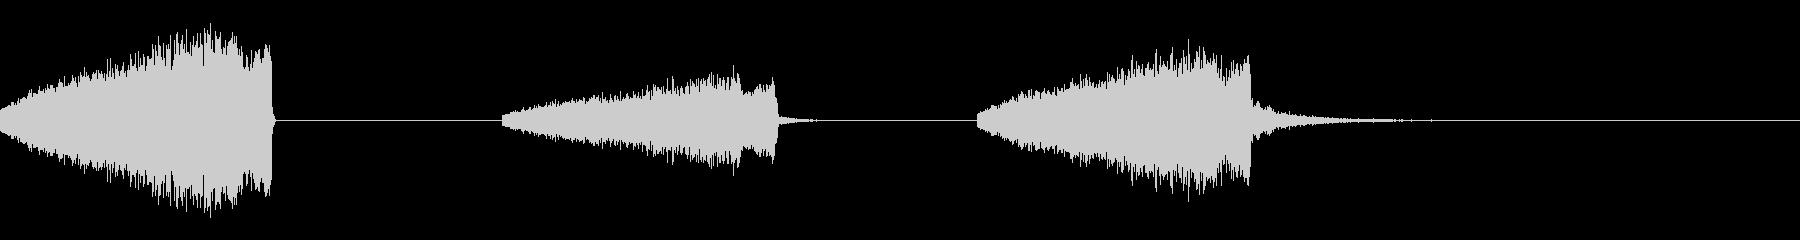 MEGA SWOOSH-3 ROO...の未再生の波形